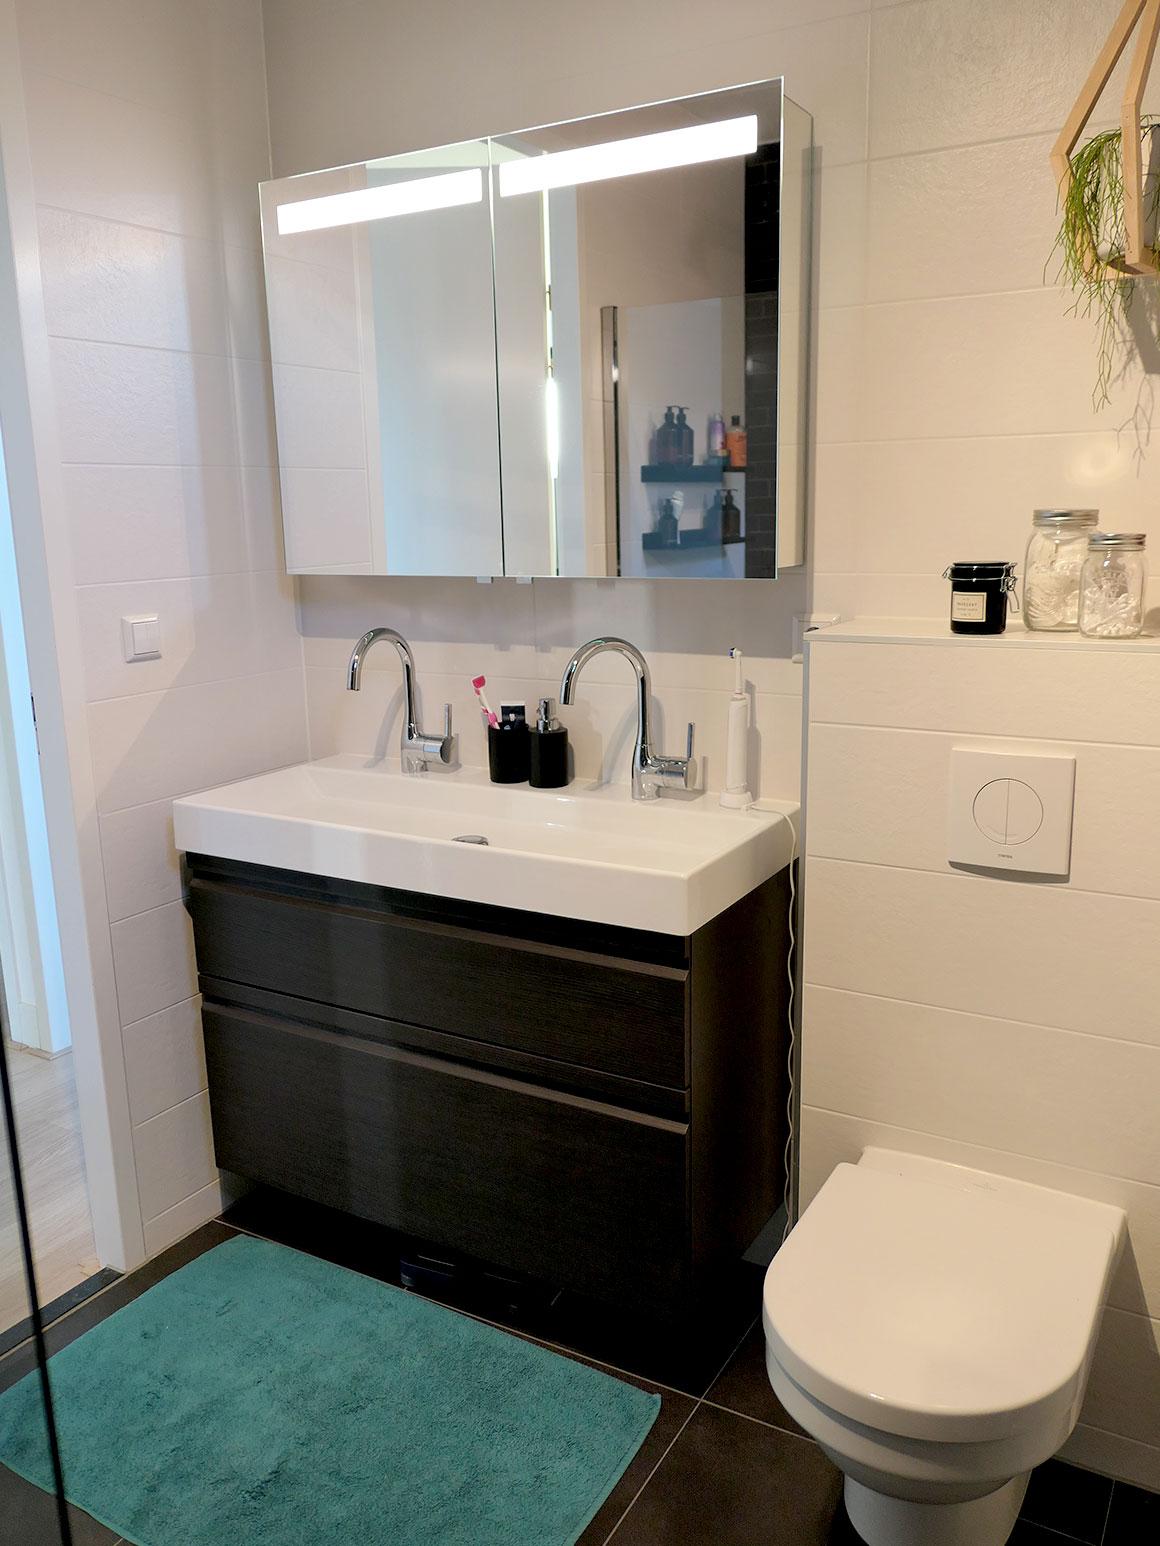 Ons nieuwe huis #20: De badkamer